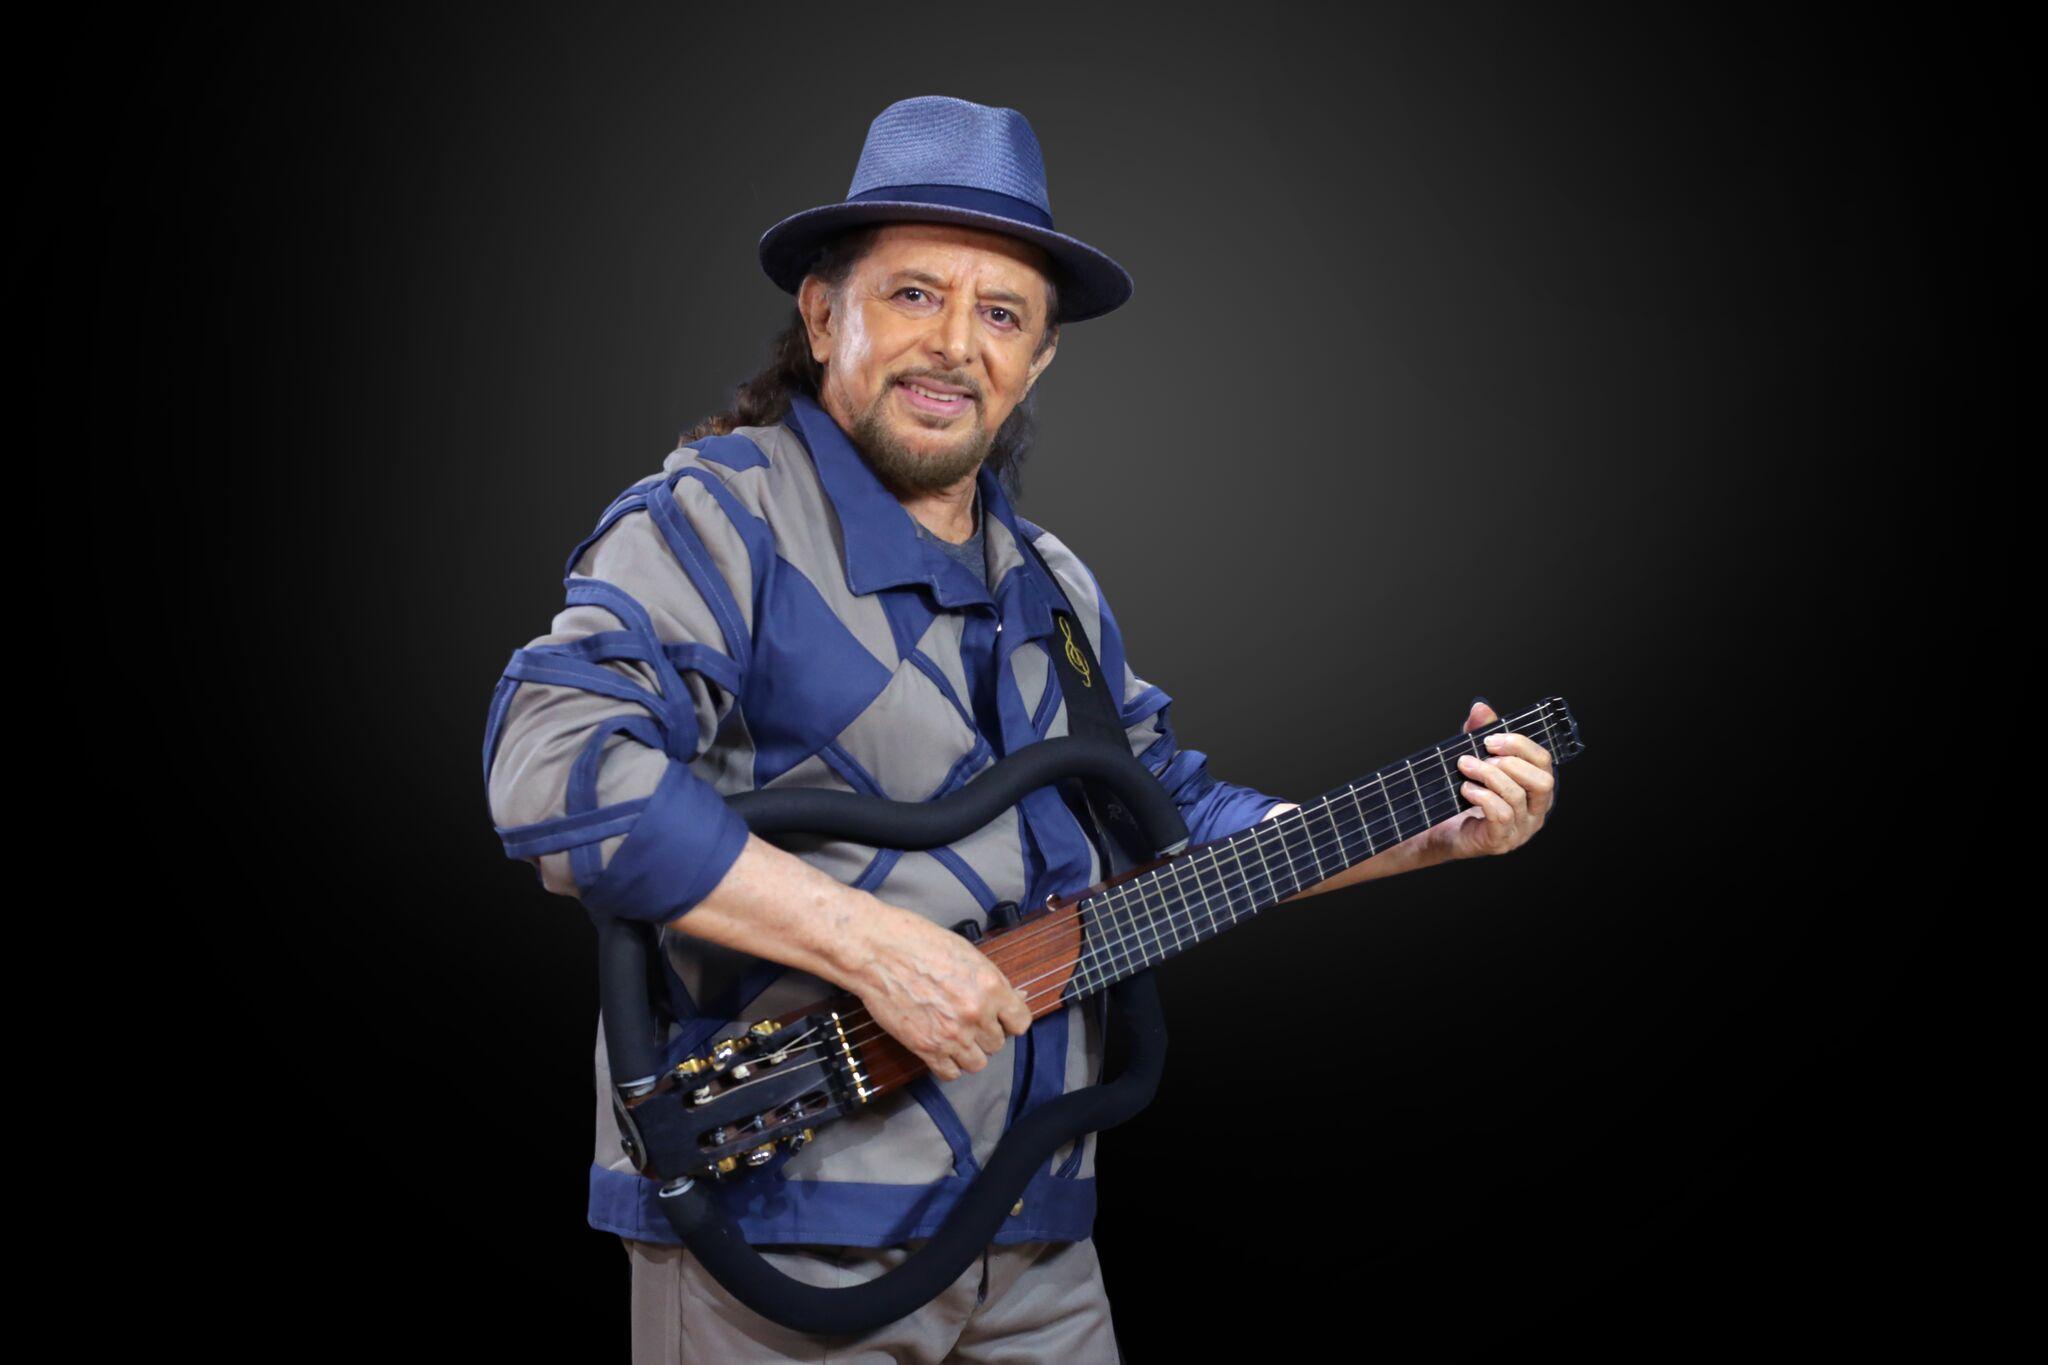 Teatro Gamaro recebe novo show do cantor Geraldo Azevedo 41